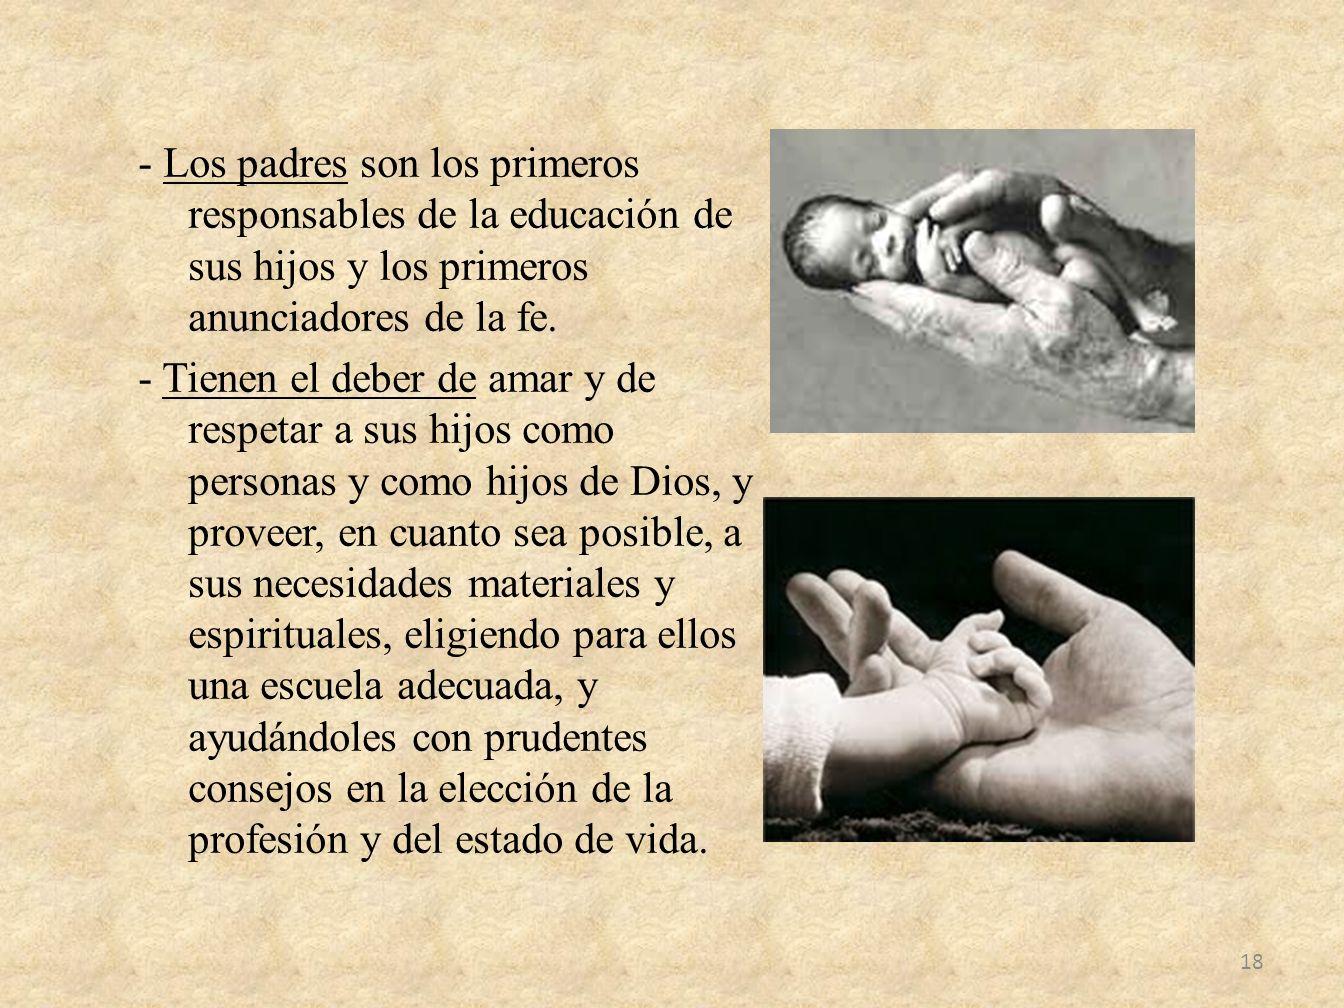 - Los padres son los primeros responsables de la educación de sus hijos y los primeros anunciadores de la fe. - Tienen el deber de amar y de respetar